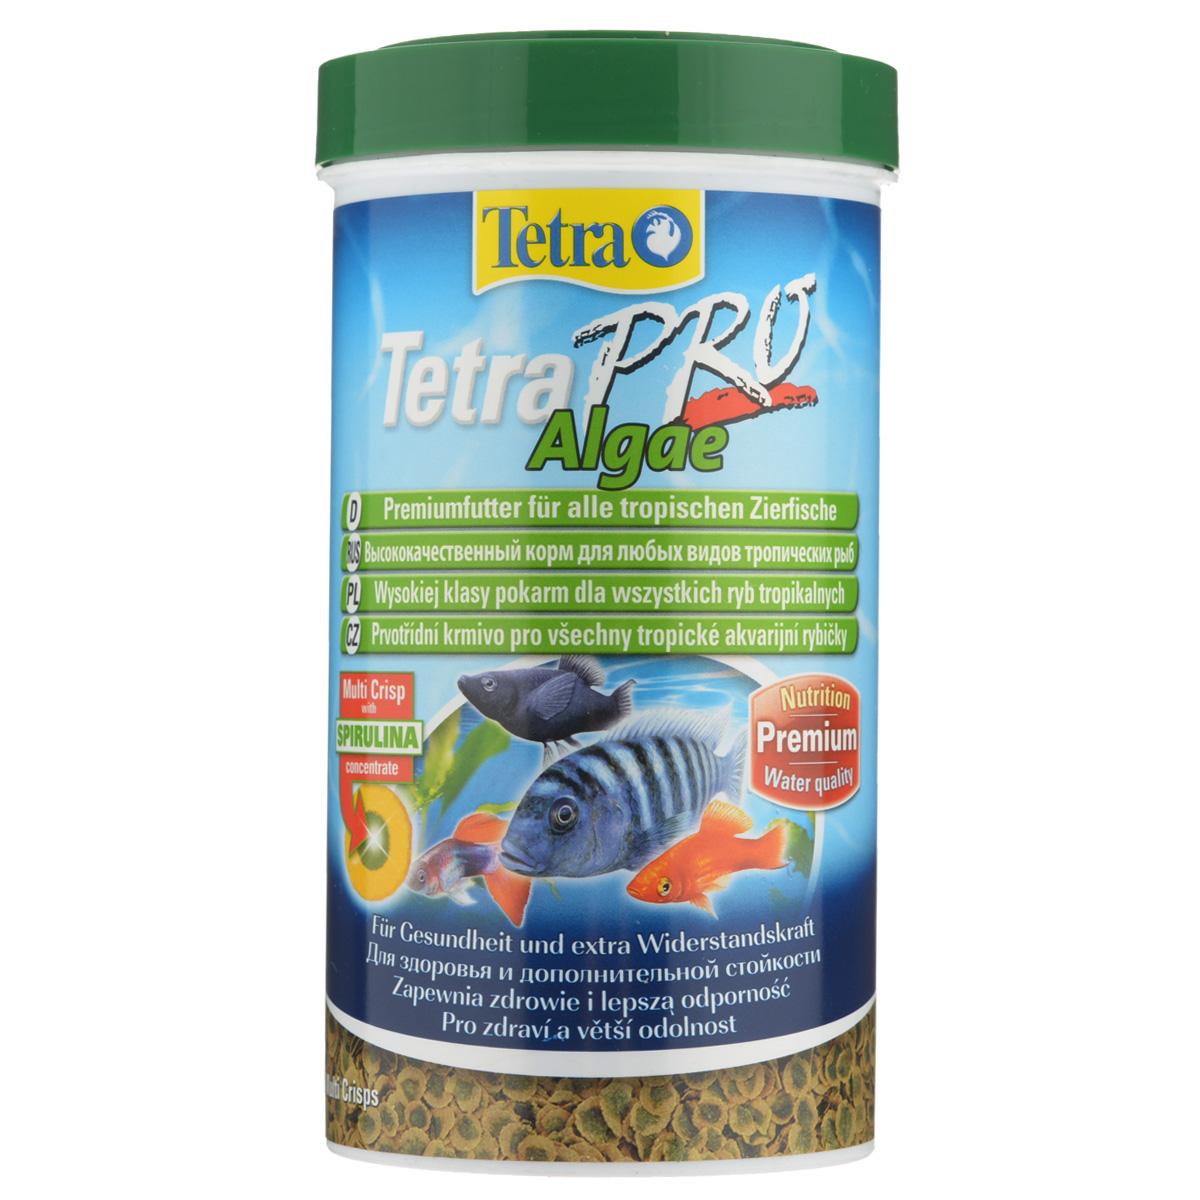 Корм сухой Tetra TetraPro. Algae для всех видов тропических рыб, чипсы, 500 мл (95 г) корм tetra tetrapro colour crisps premium food for all tropical fish чипсы усиление окраски для всех видов тропических рыб 10л 140516